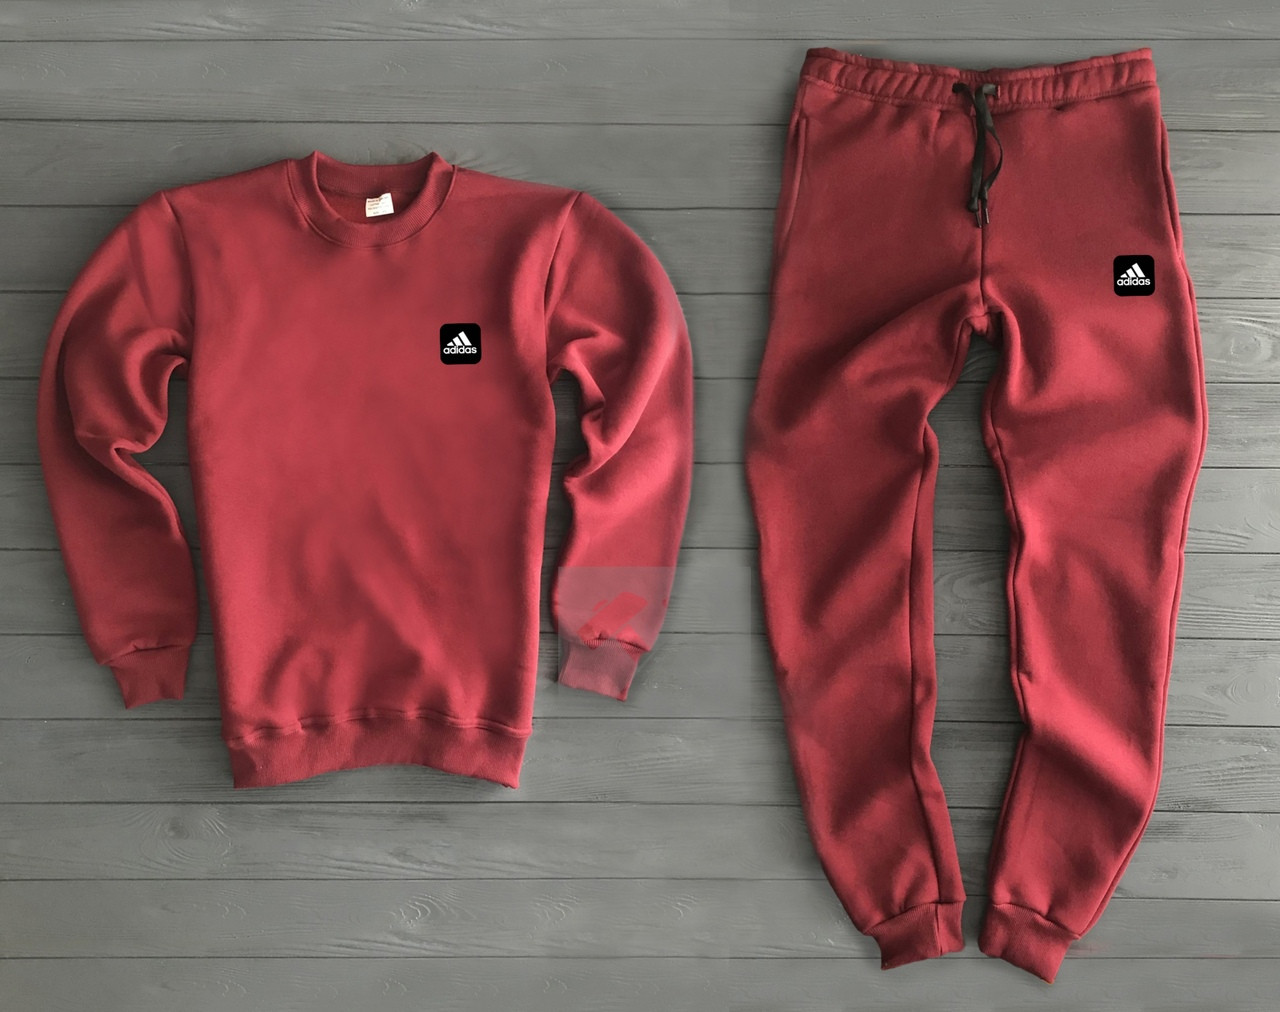 Спортивный Костюм Adidas Красный с Черно-белым Логотипом Топ Реплика ... 4da17ac712a